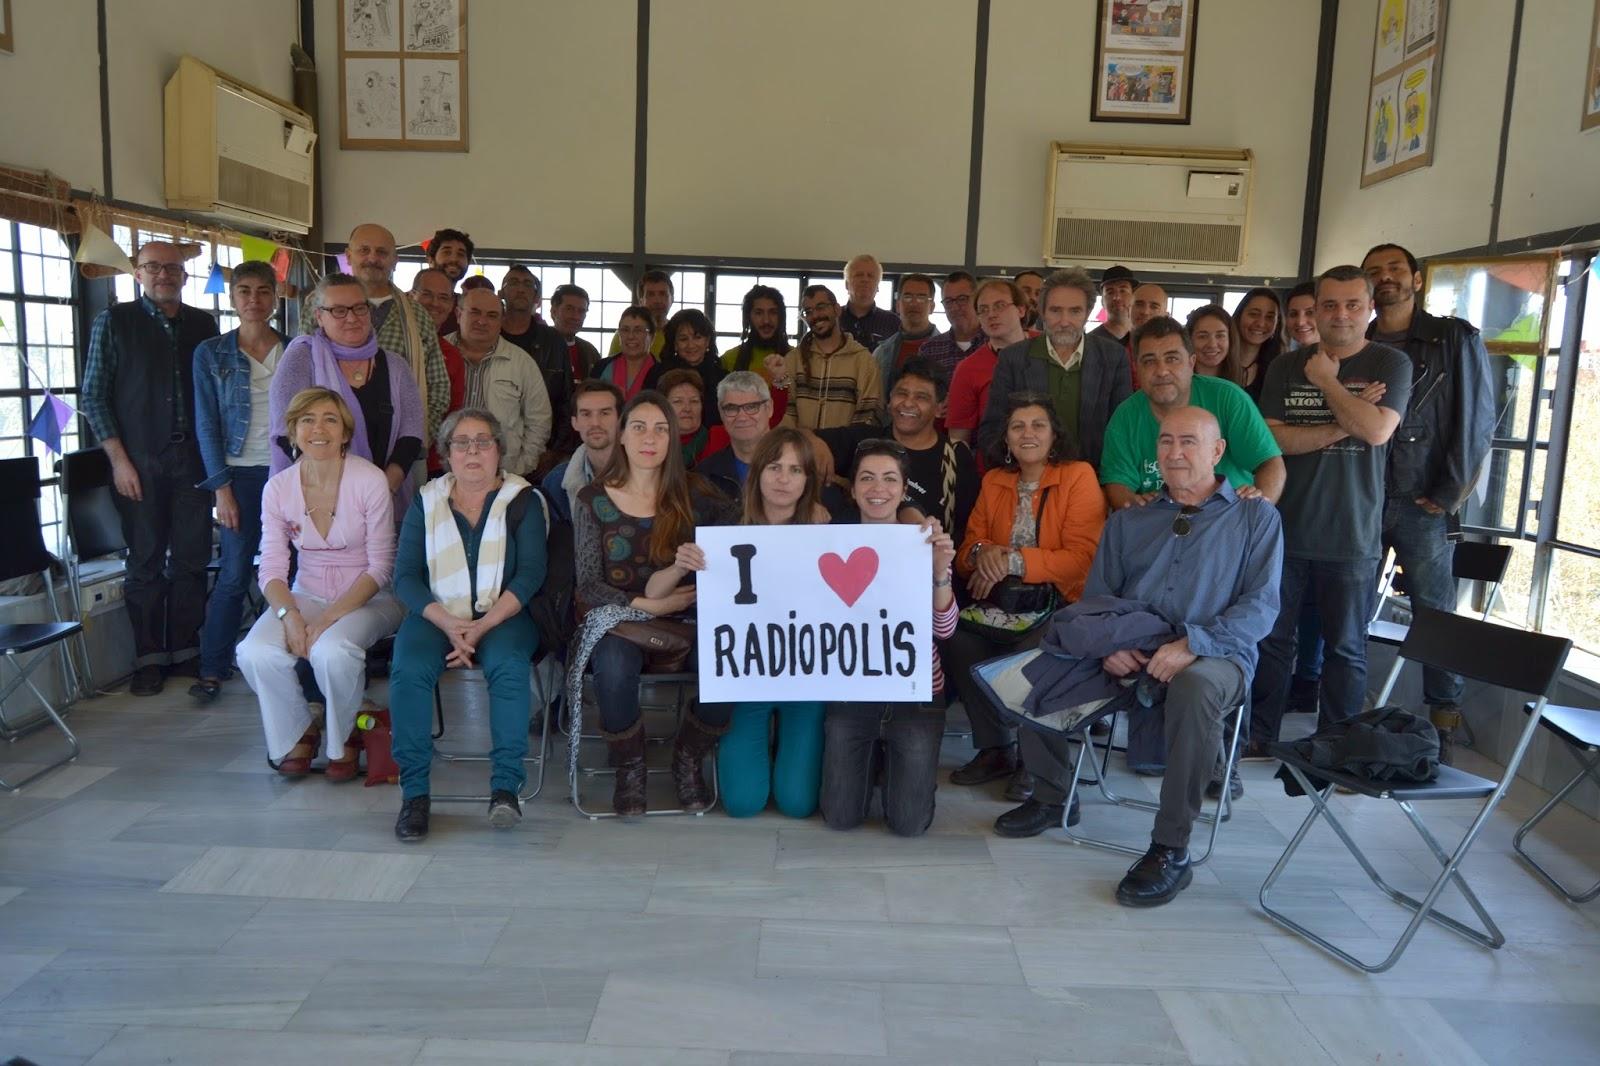 La Asamblea de Radiopolis ha decidido: ¡nos quedamos!